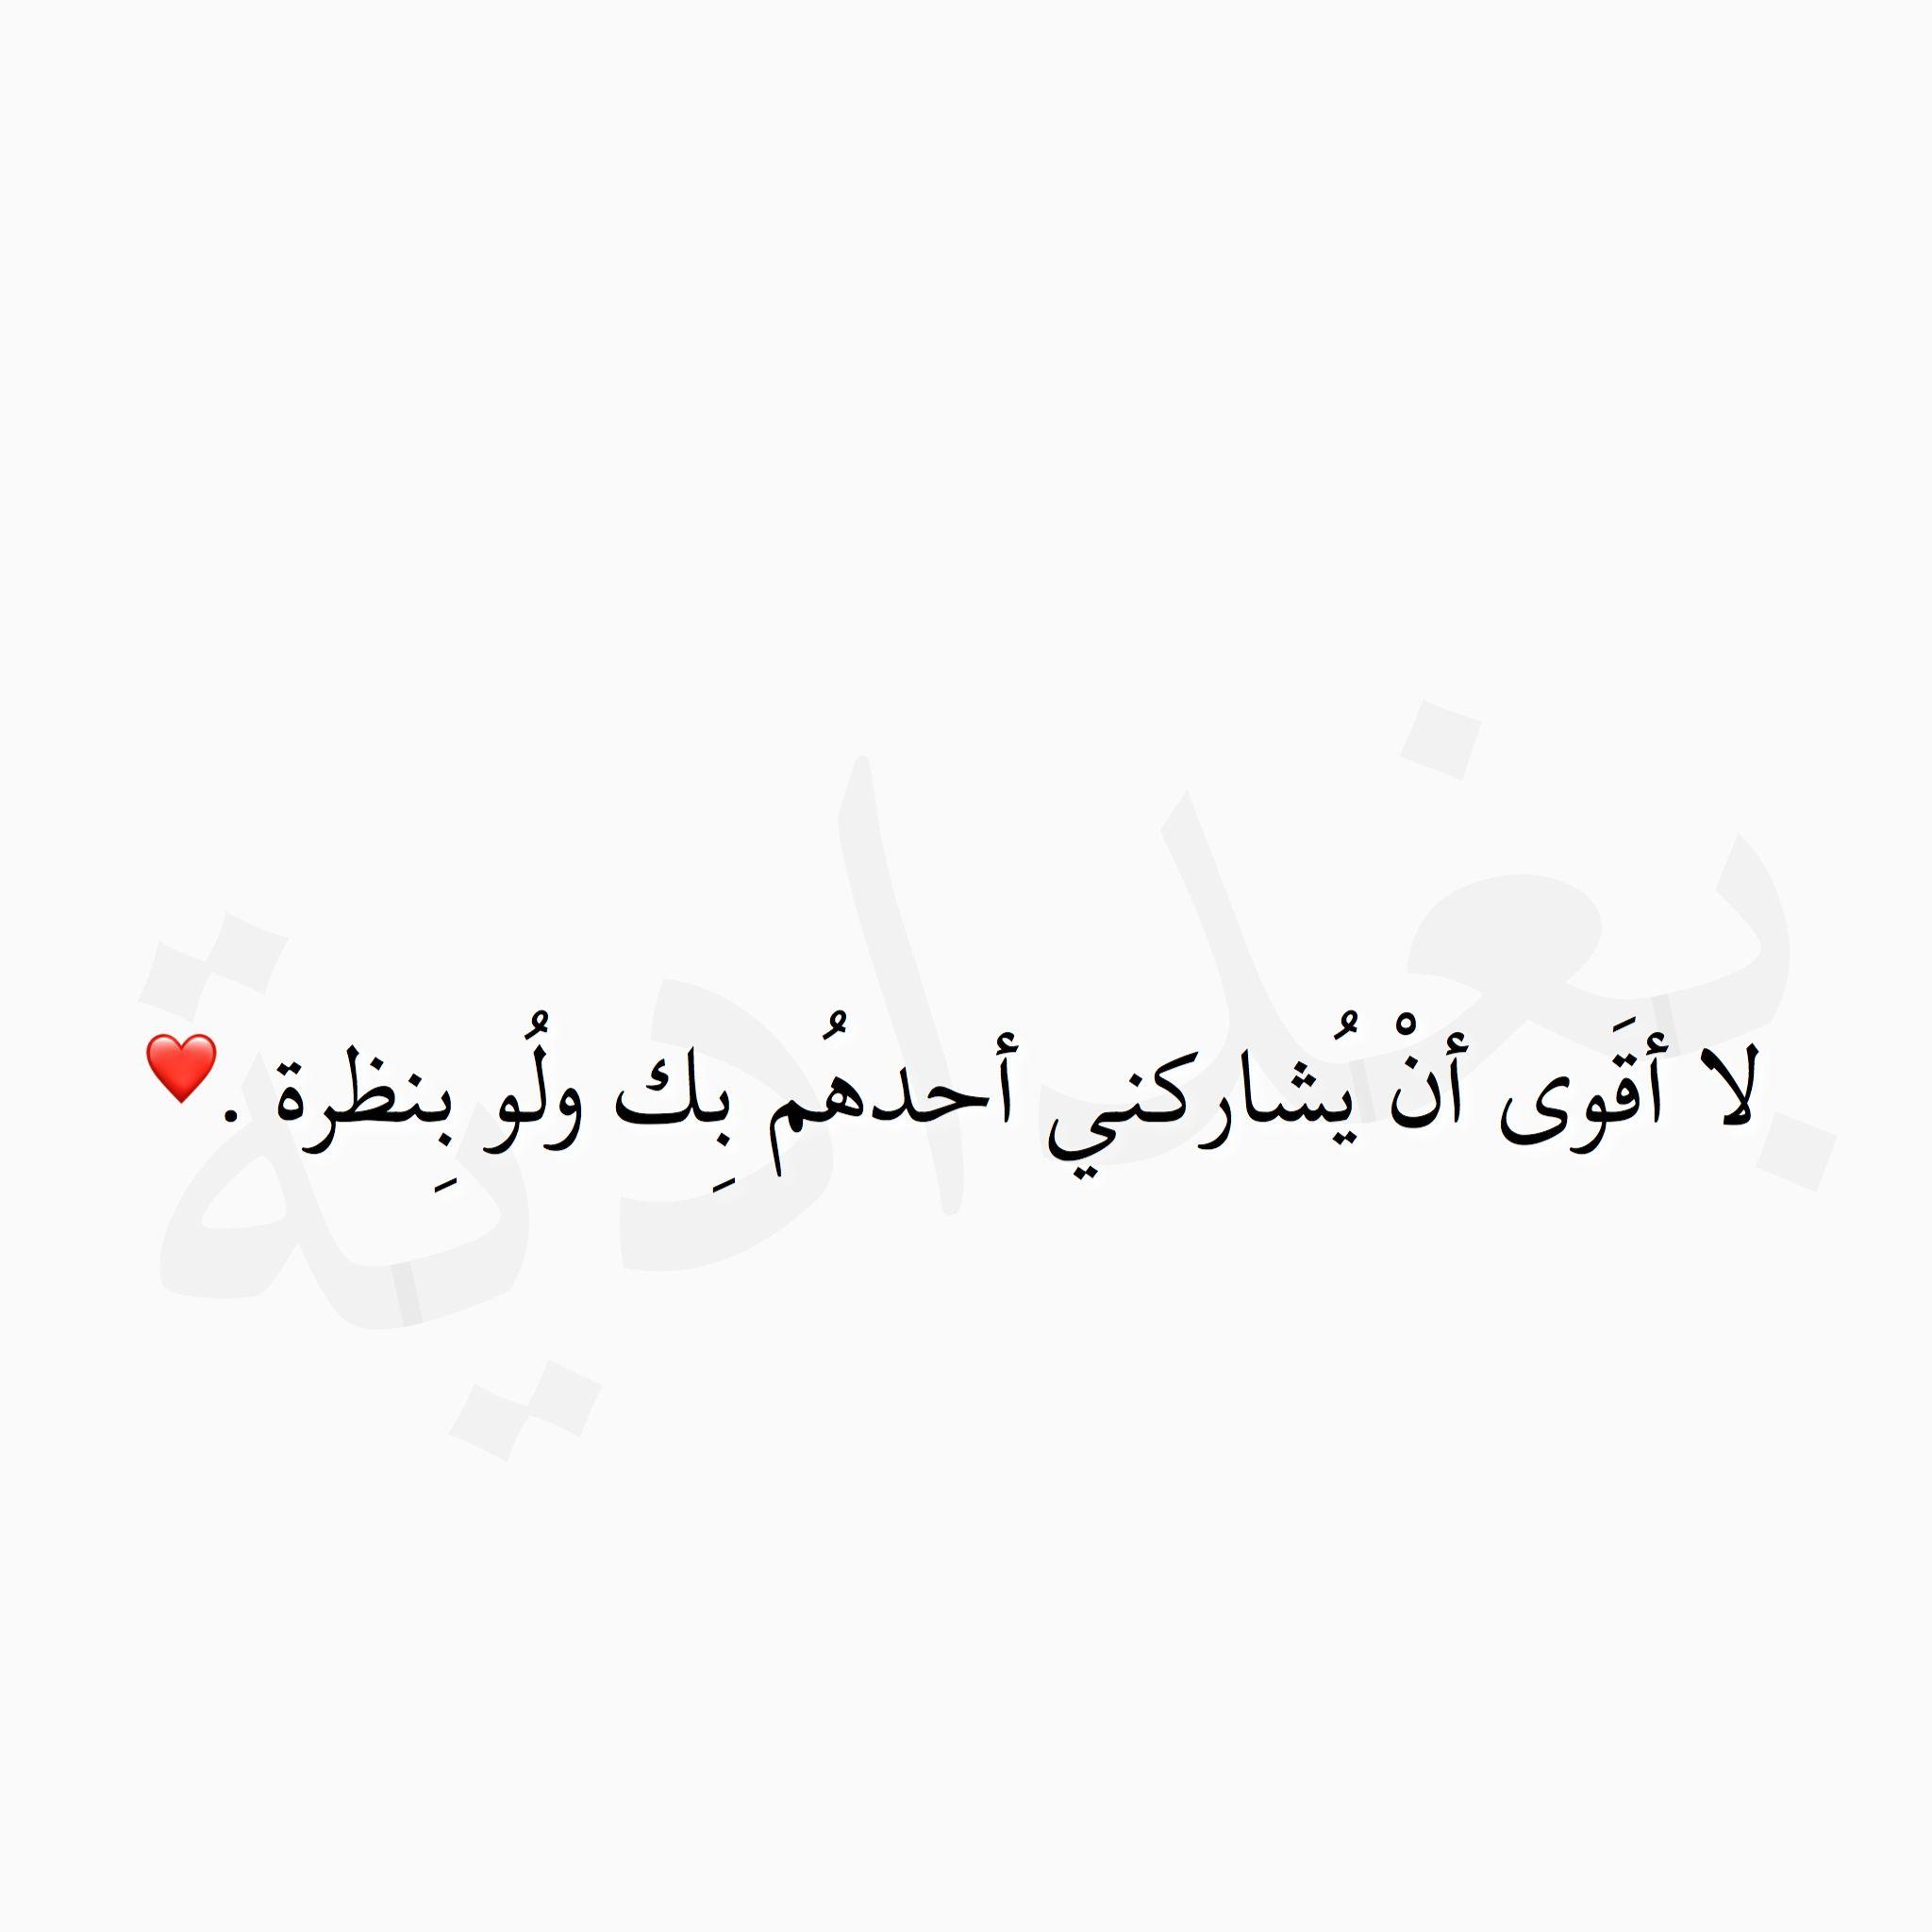 لكن شاركوك باكثر من النظر لك Sweet Love Quotes Arabic Love Quotes Love Words